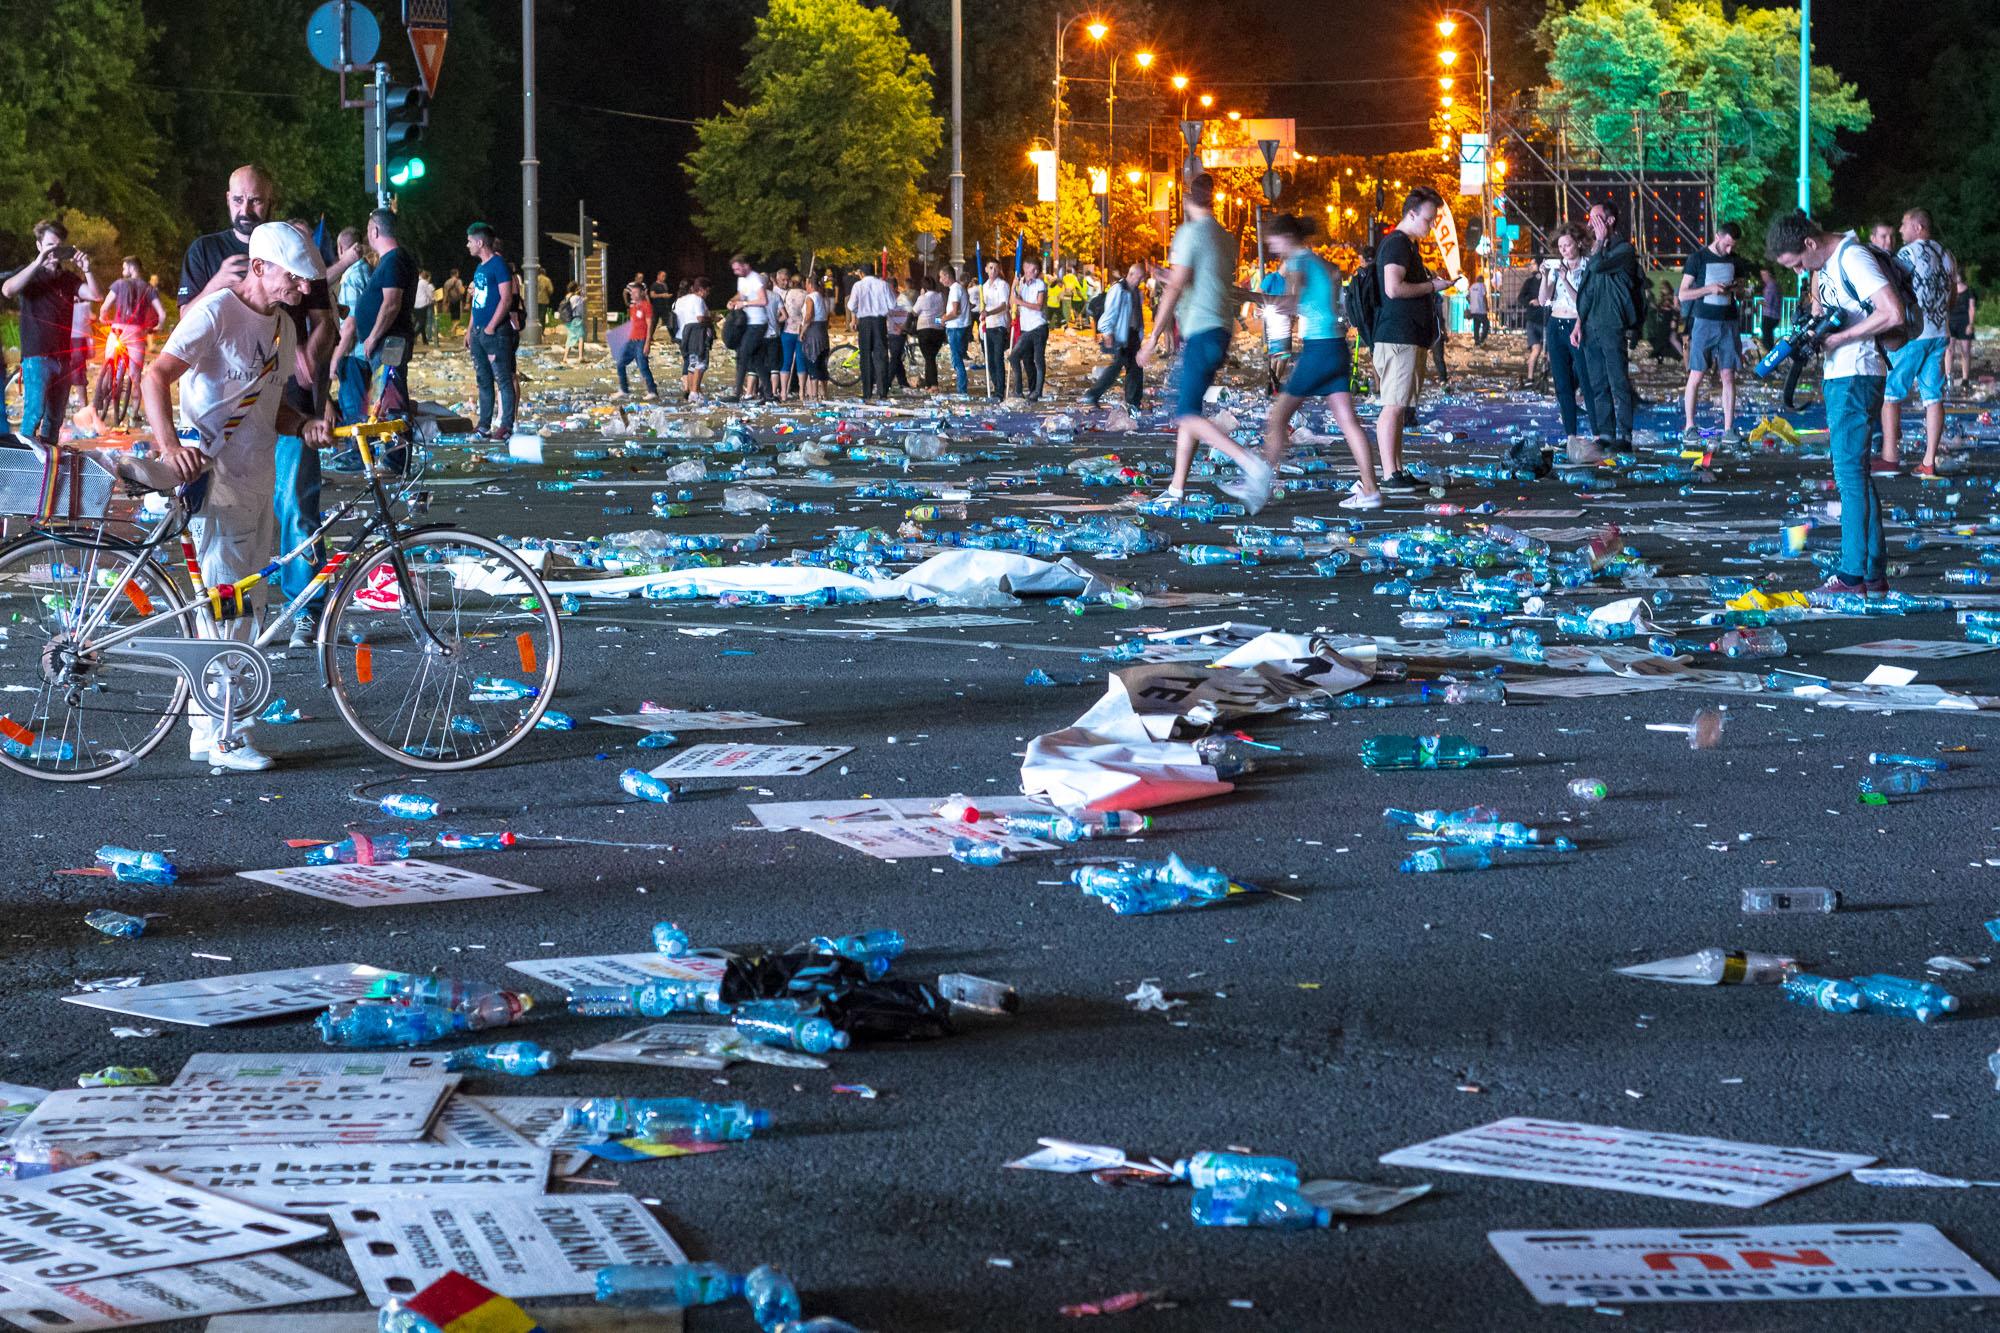 Dragnea - Cine va pierde de pe urma mitingului PSD-ALDE - Pagina 2 1528628147761-Miting-PSD-mizeria-din-urma-18